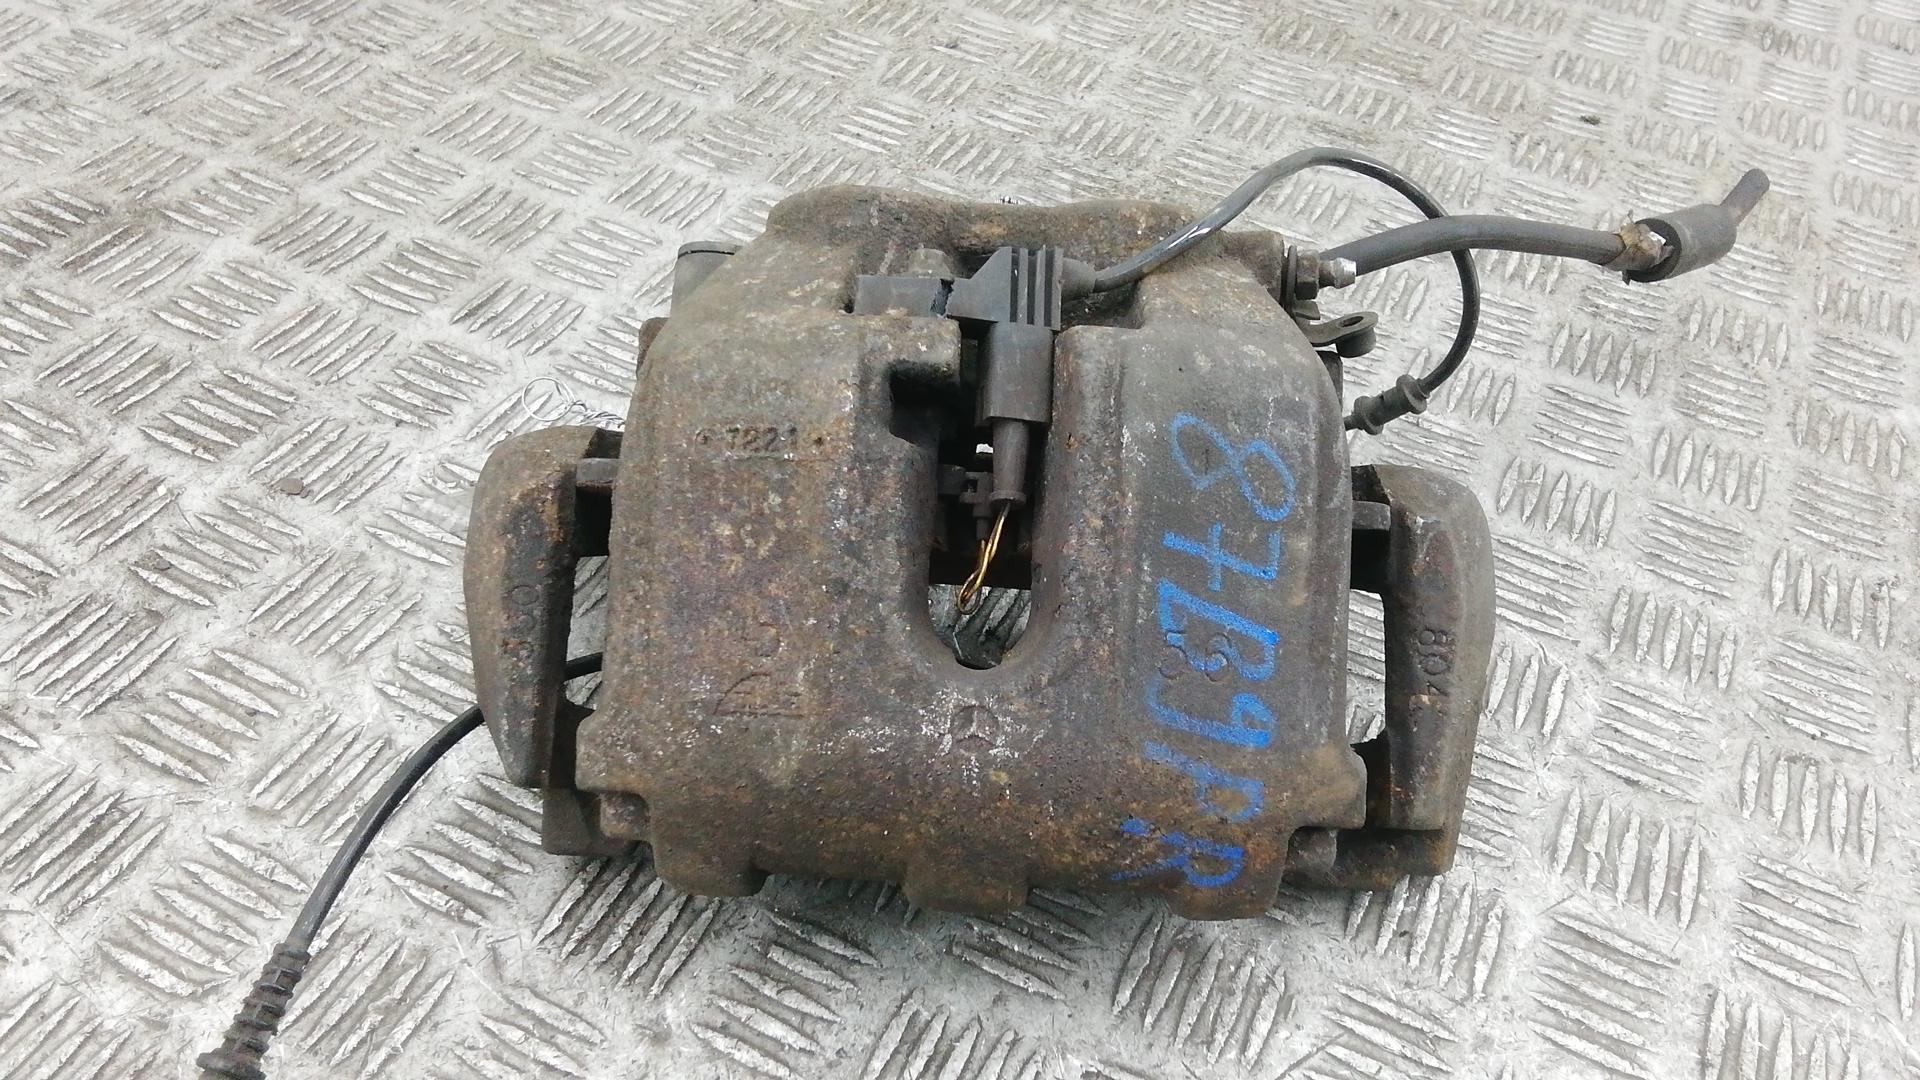 Суппорт тормозной передний правый, MERCEDES BENZ, M-CLASS W164, 2007